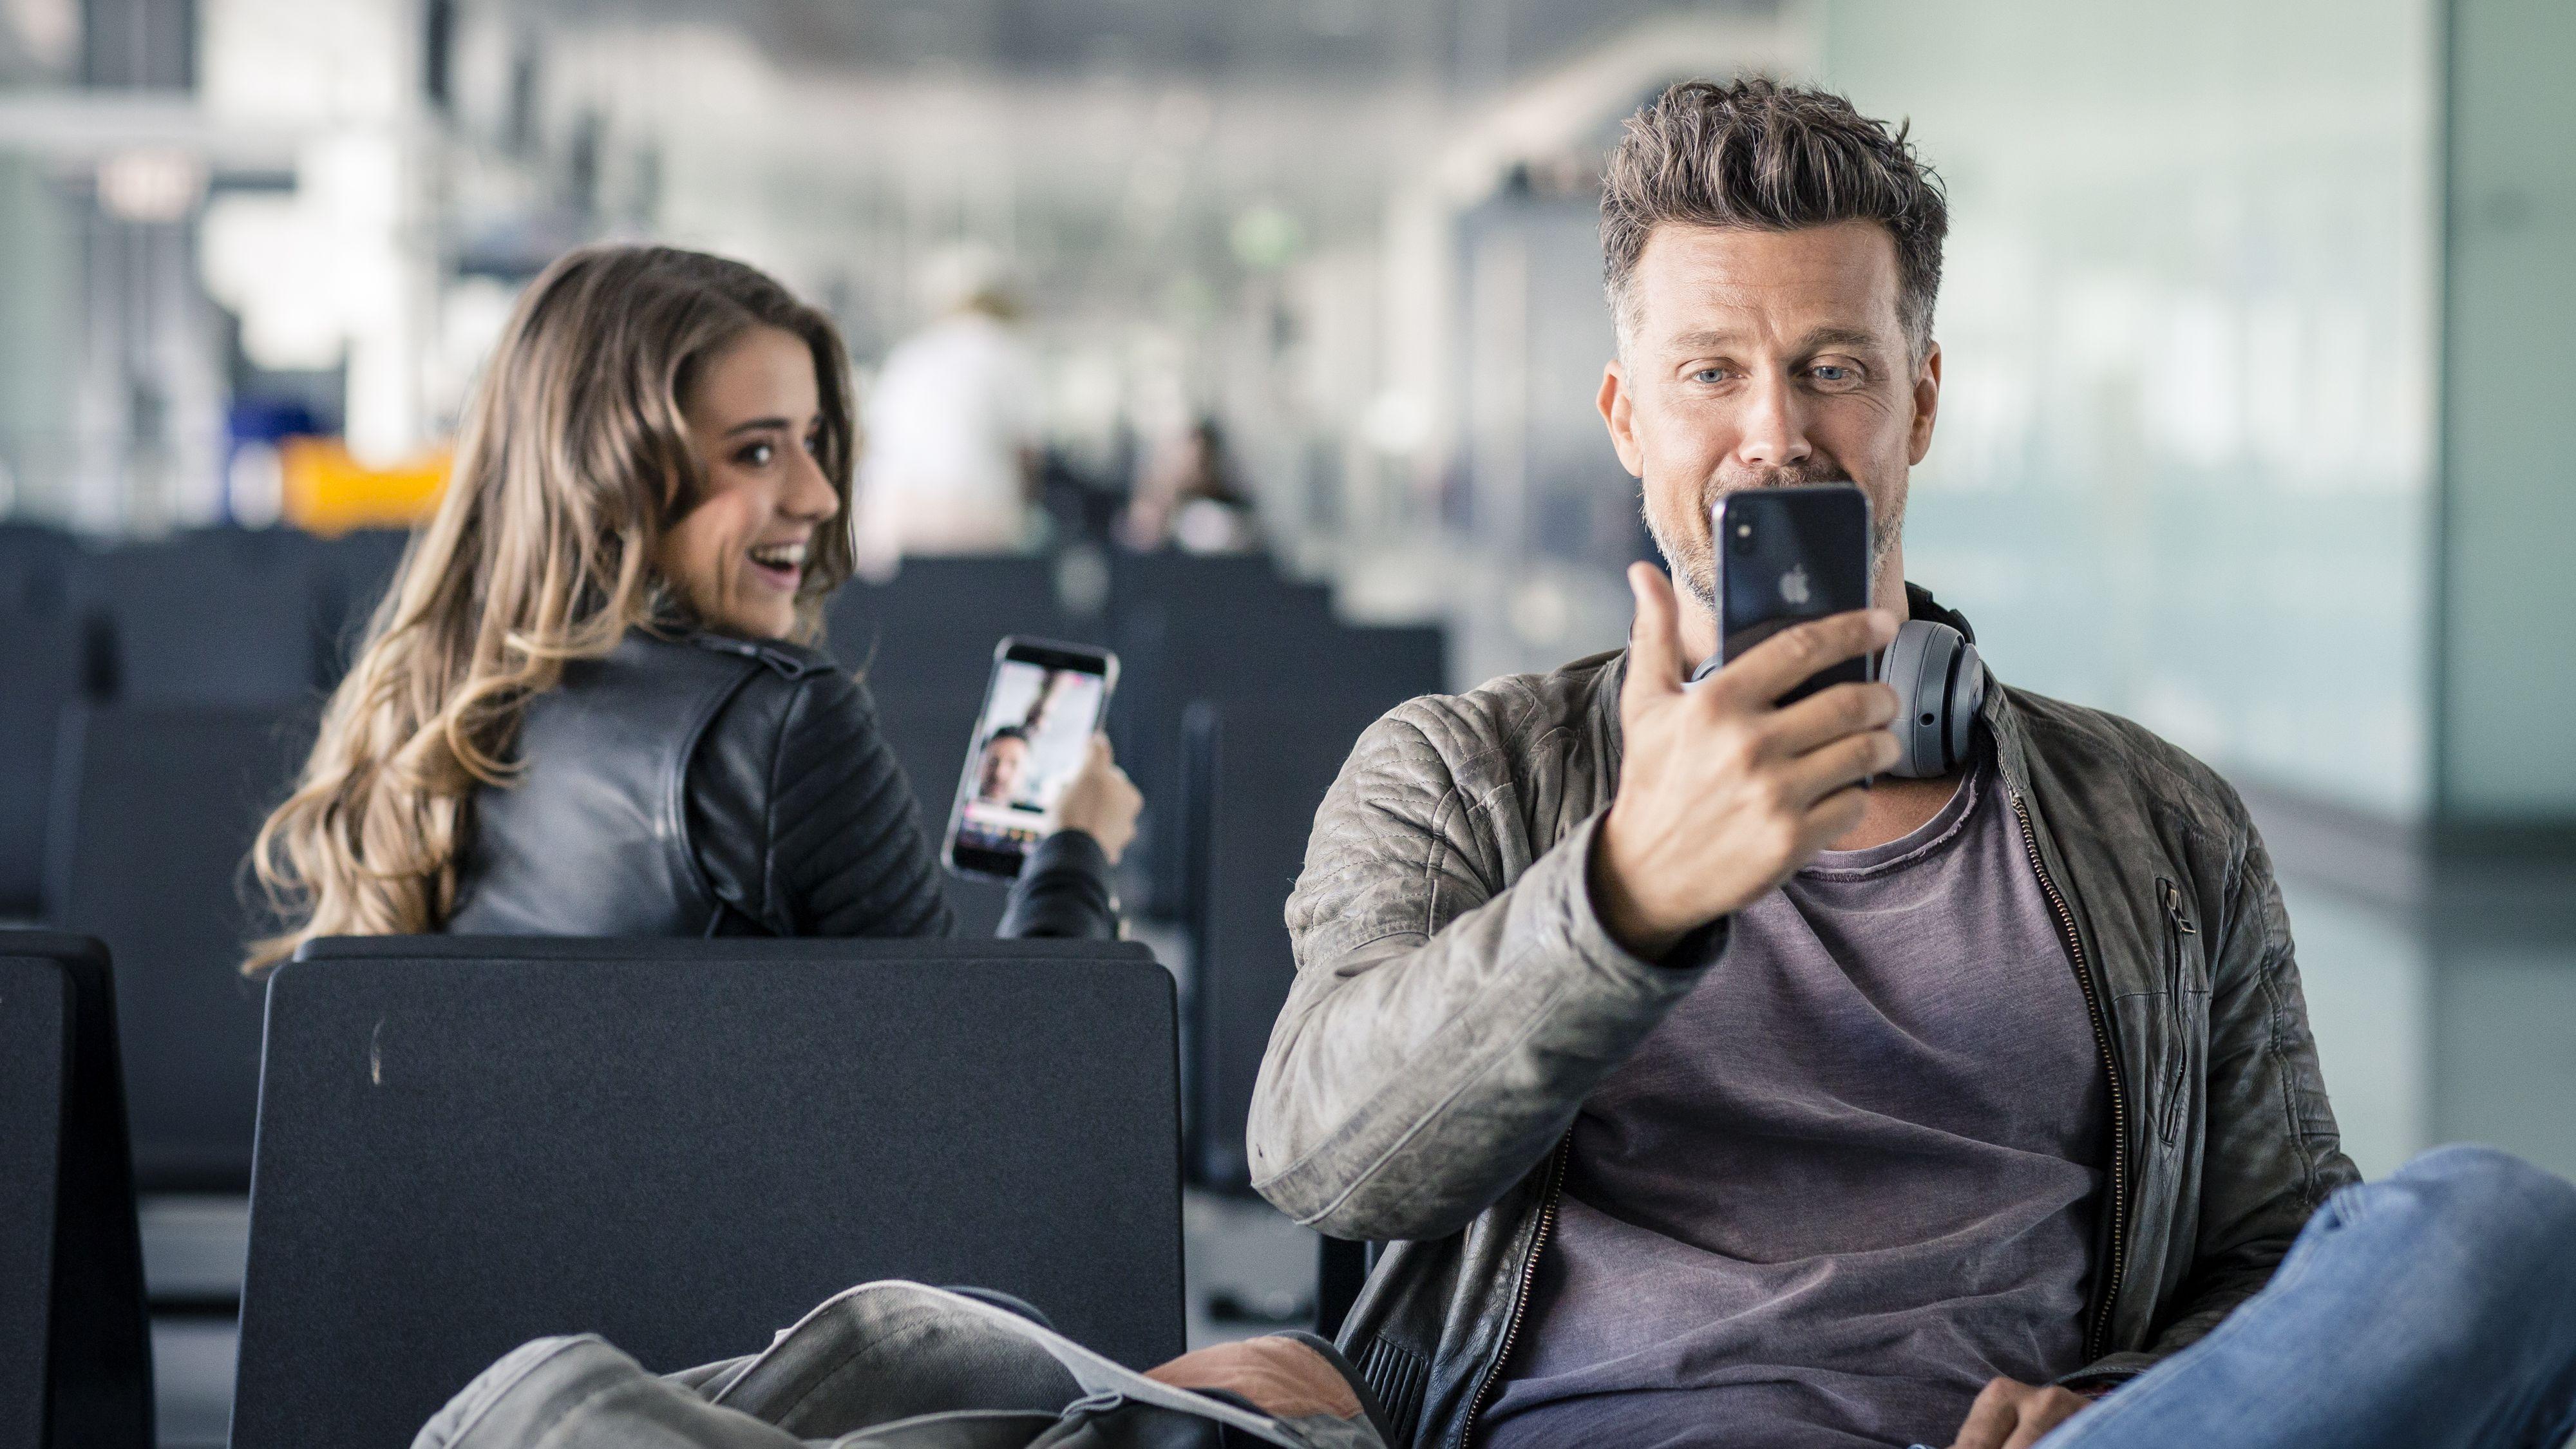 Flughafen München: Wayne Carpendale und eine Influencerin im Airport-Wunderland